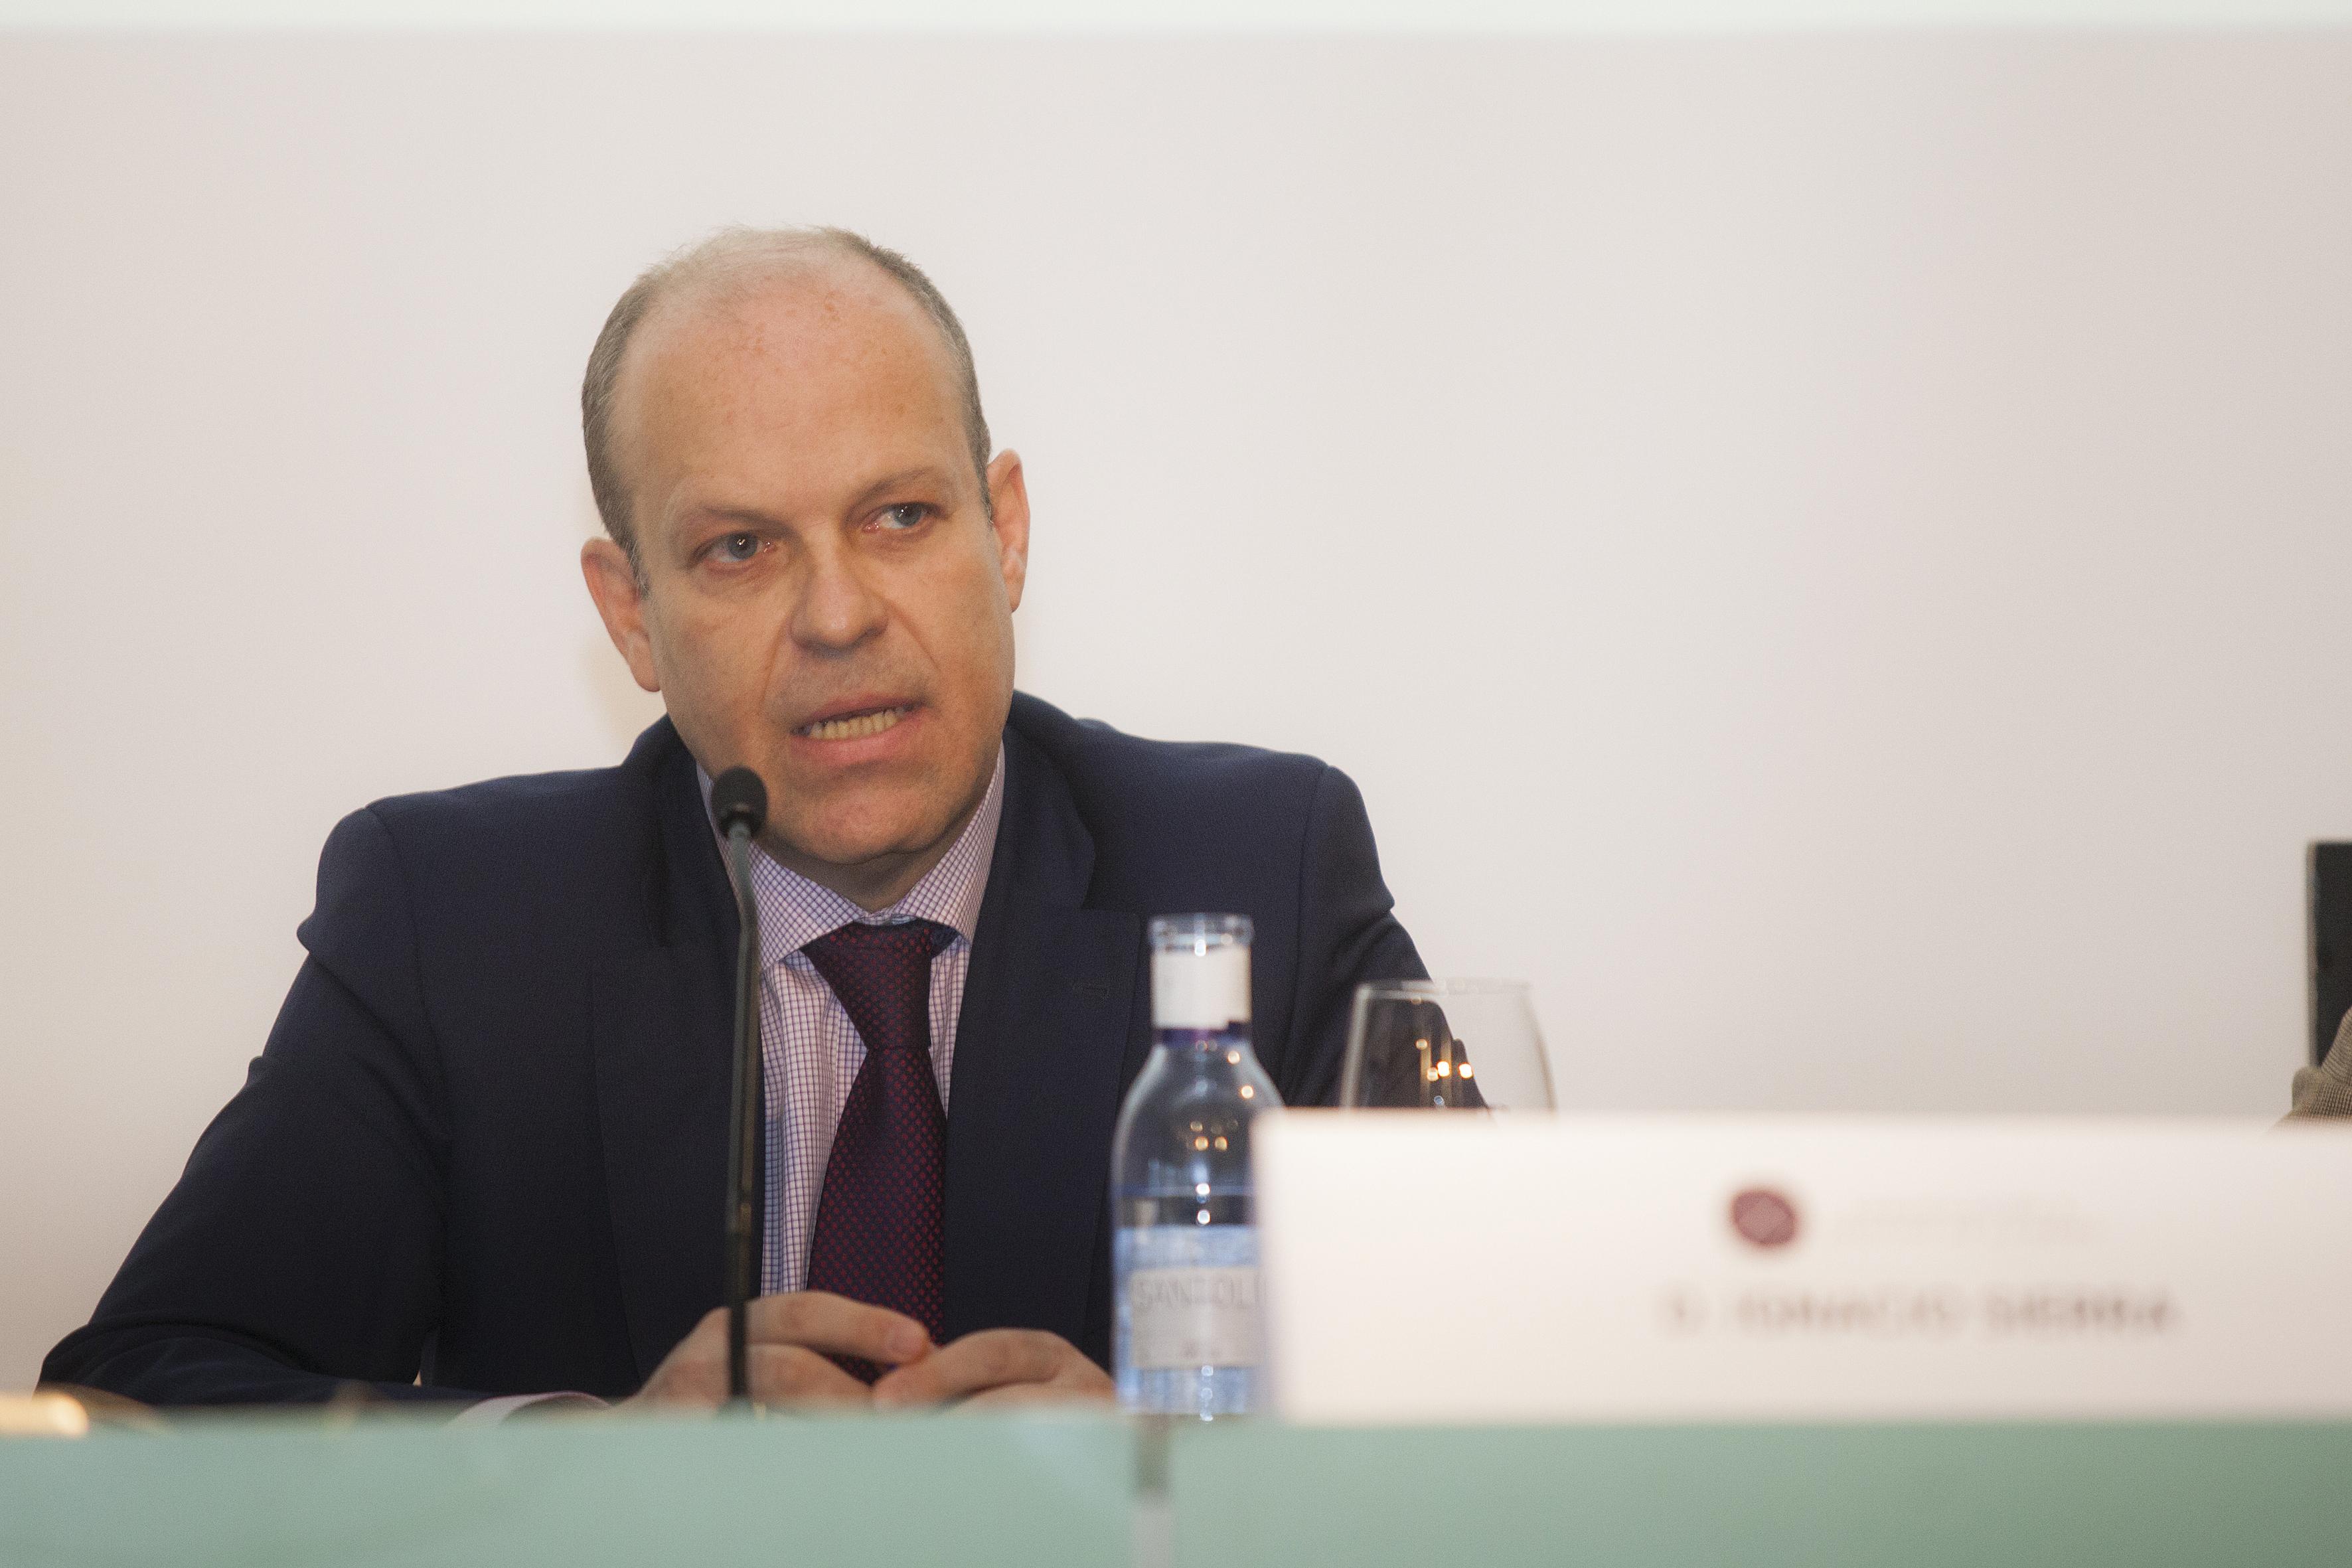 Ignacio Sierra, director general corporativo del Grupo Cortefiel. Foto: Carlos de la Osa.